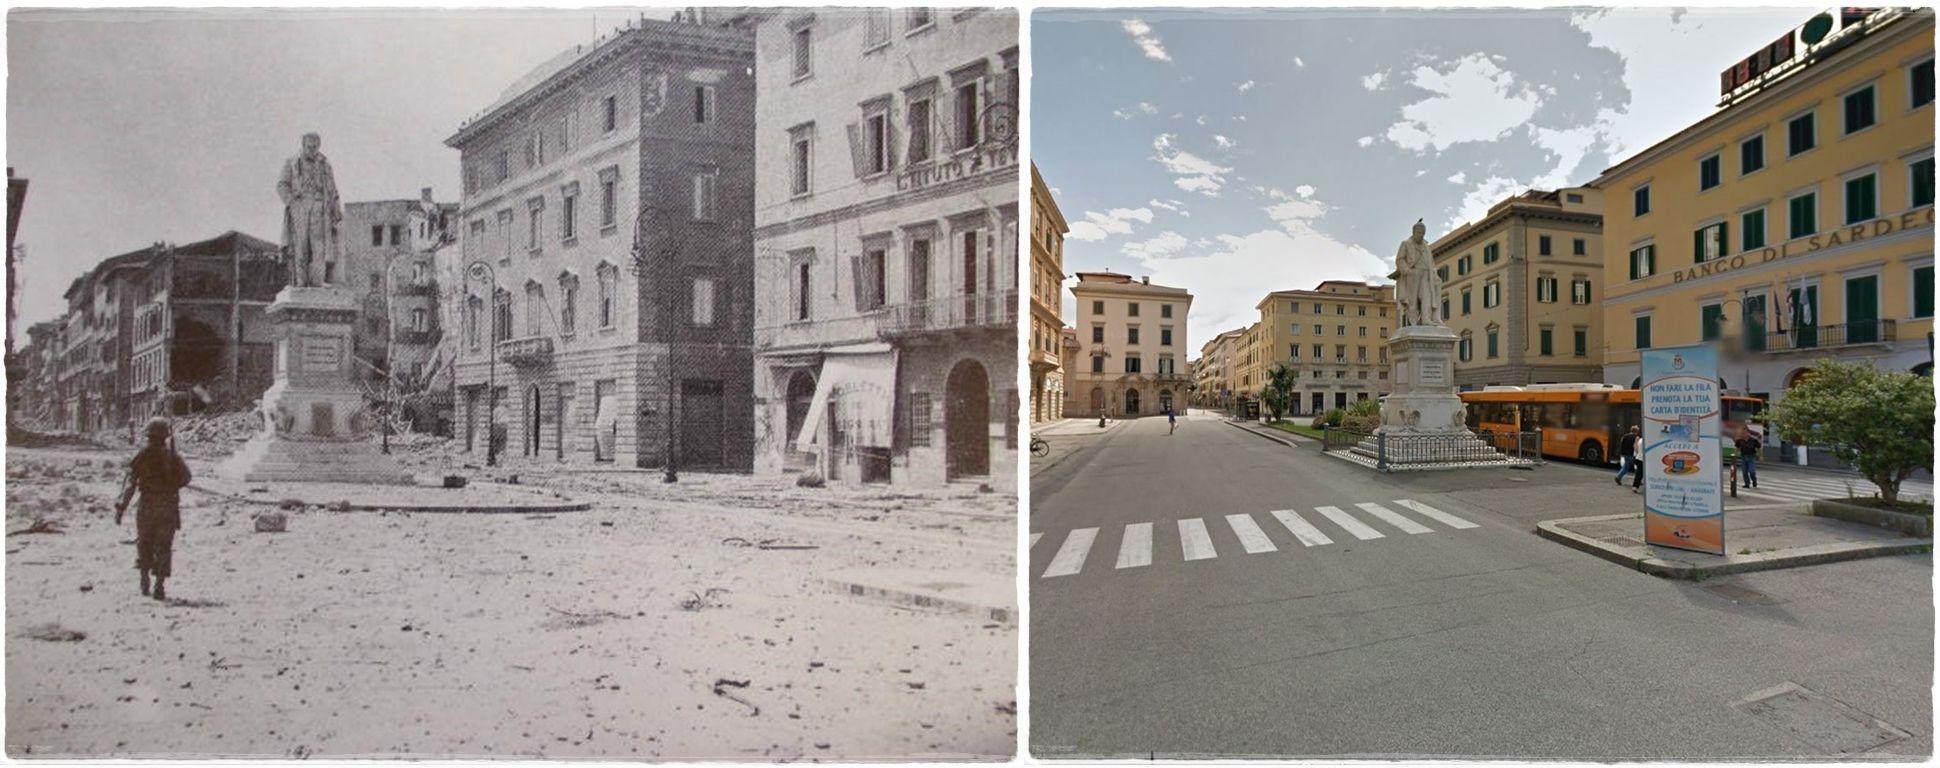 #Livorno Piazza Cavour  distrutta dai bombardamenti. #LUGLIO1944